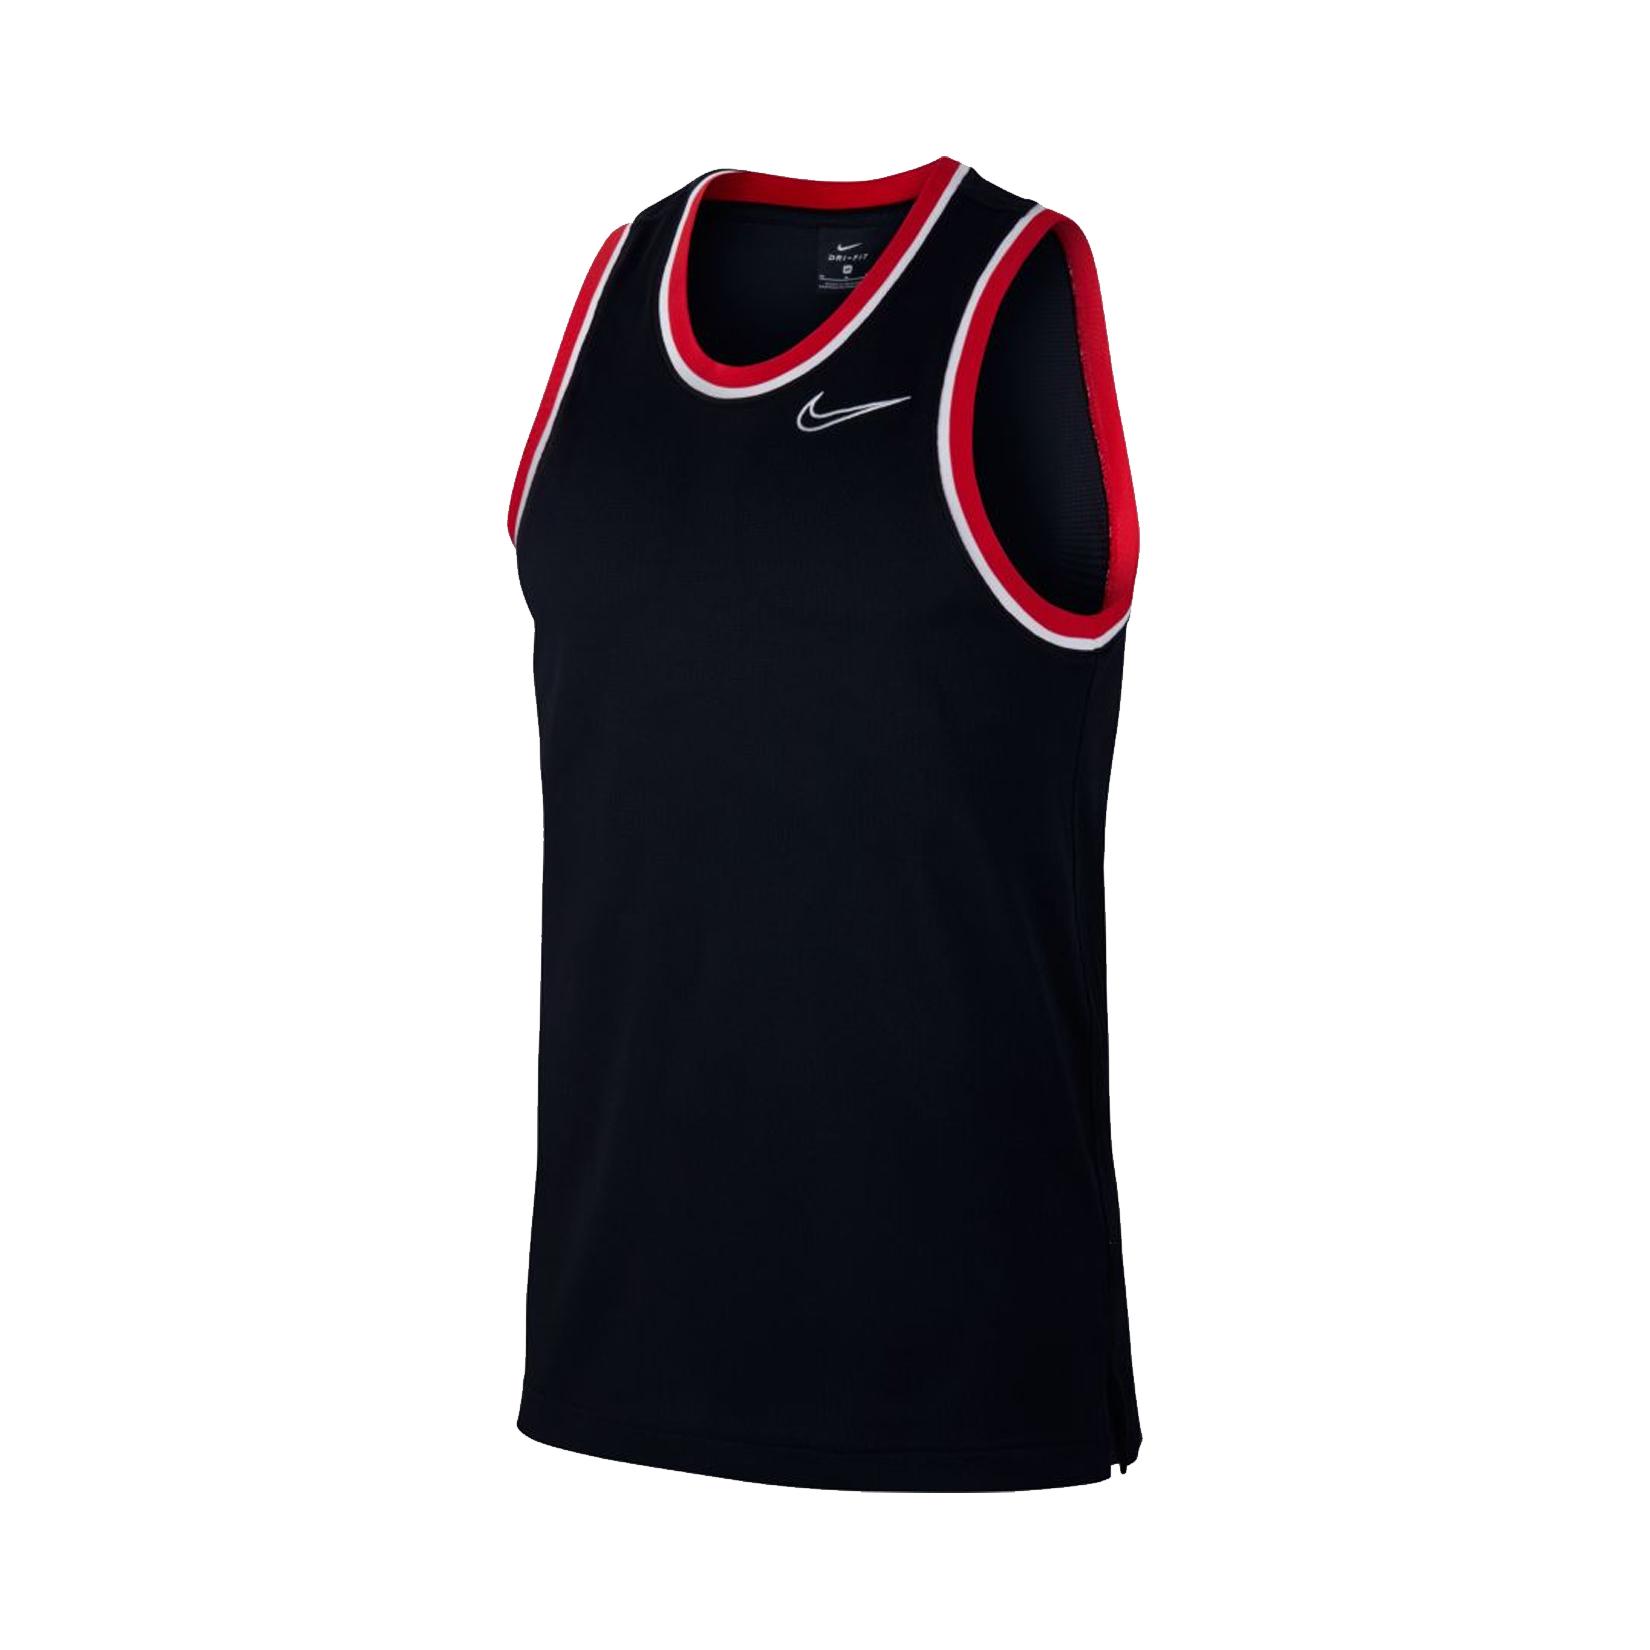 Nike Dri-FIT Classic Jersey Black